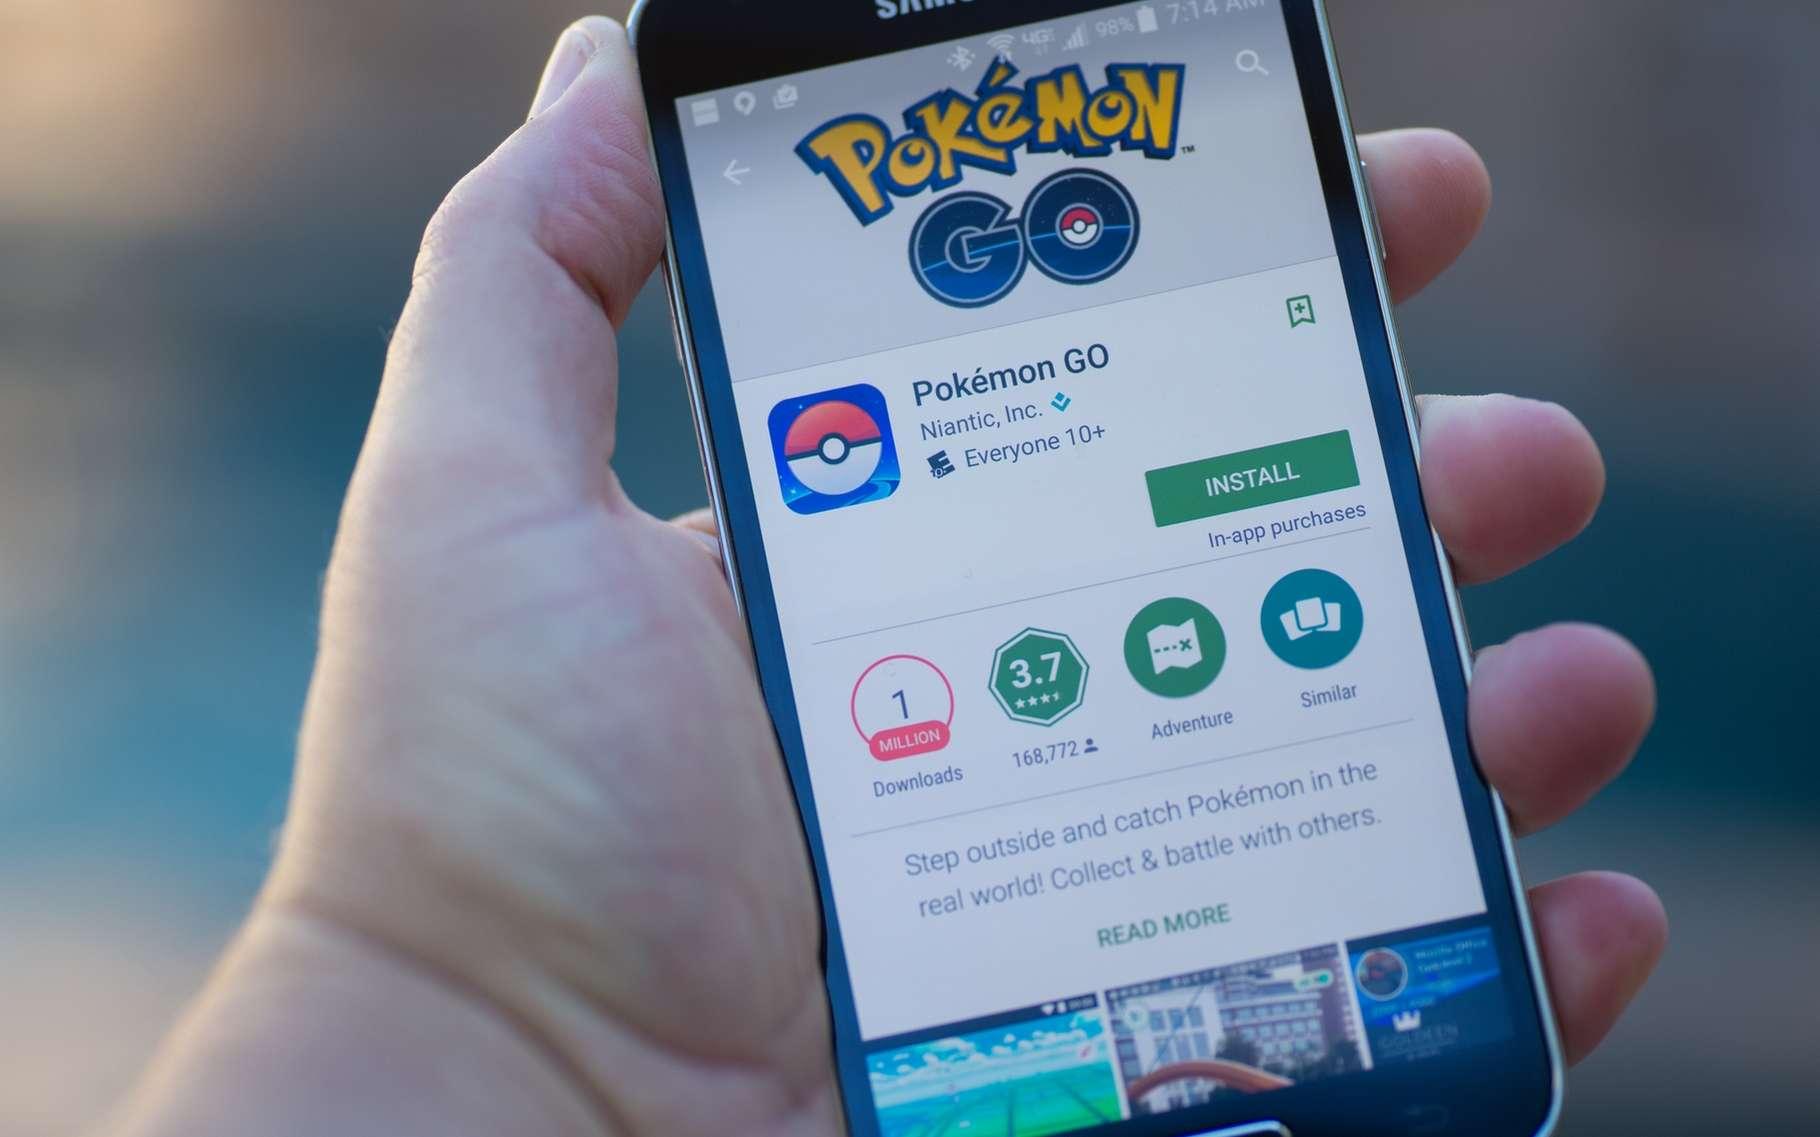 Des centaines de millions de joueurs peuvent être identifiés par leurs déplacements lorsqu'ils utilisent un jeu comme Pokemon Go. © Randy Miramontez, Shutterstock